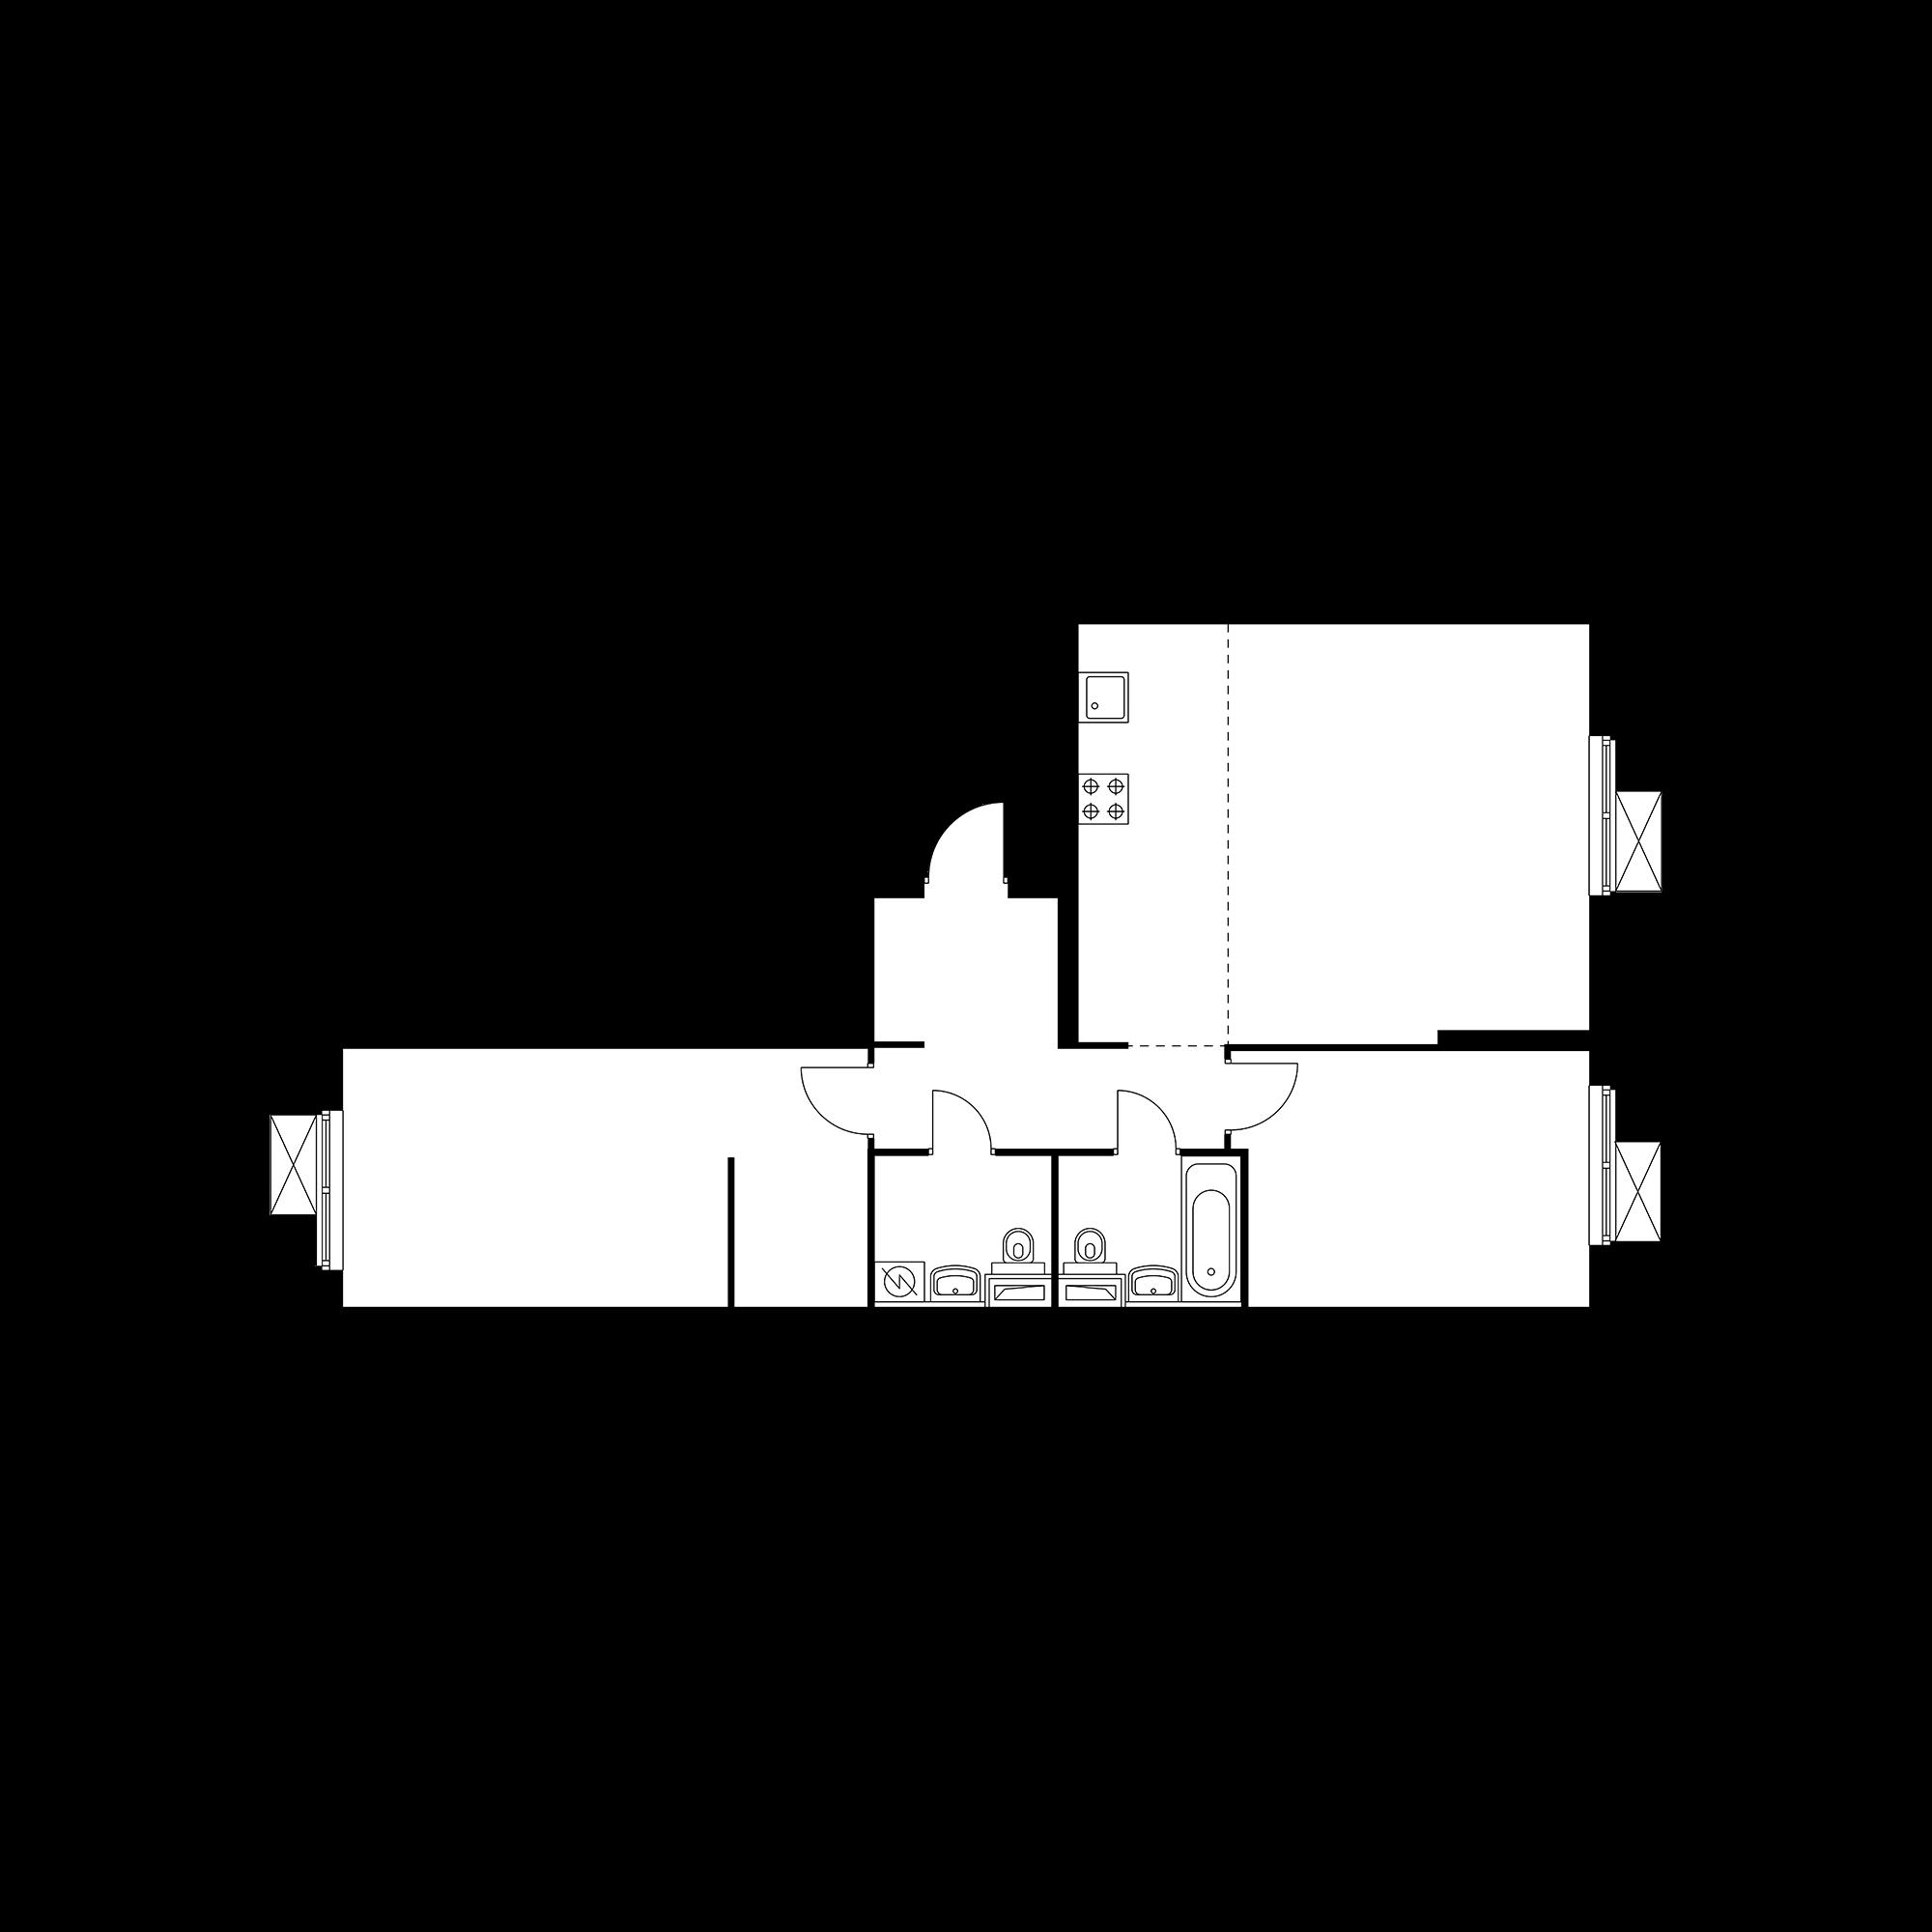 3-комнатная 79.05  м²